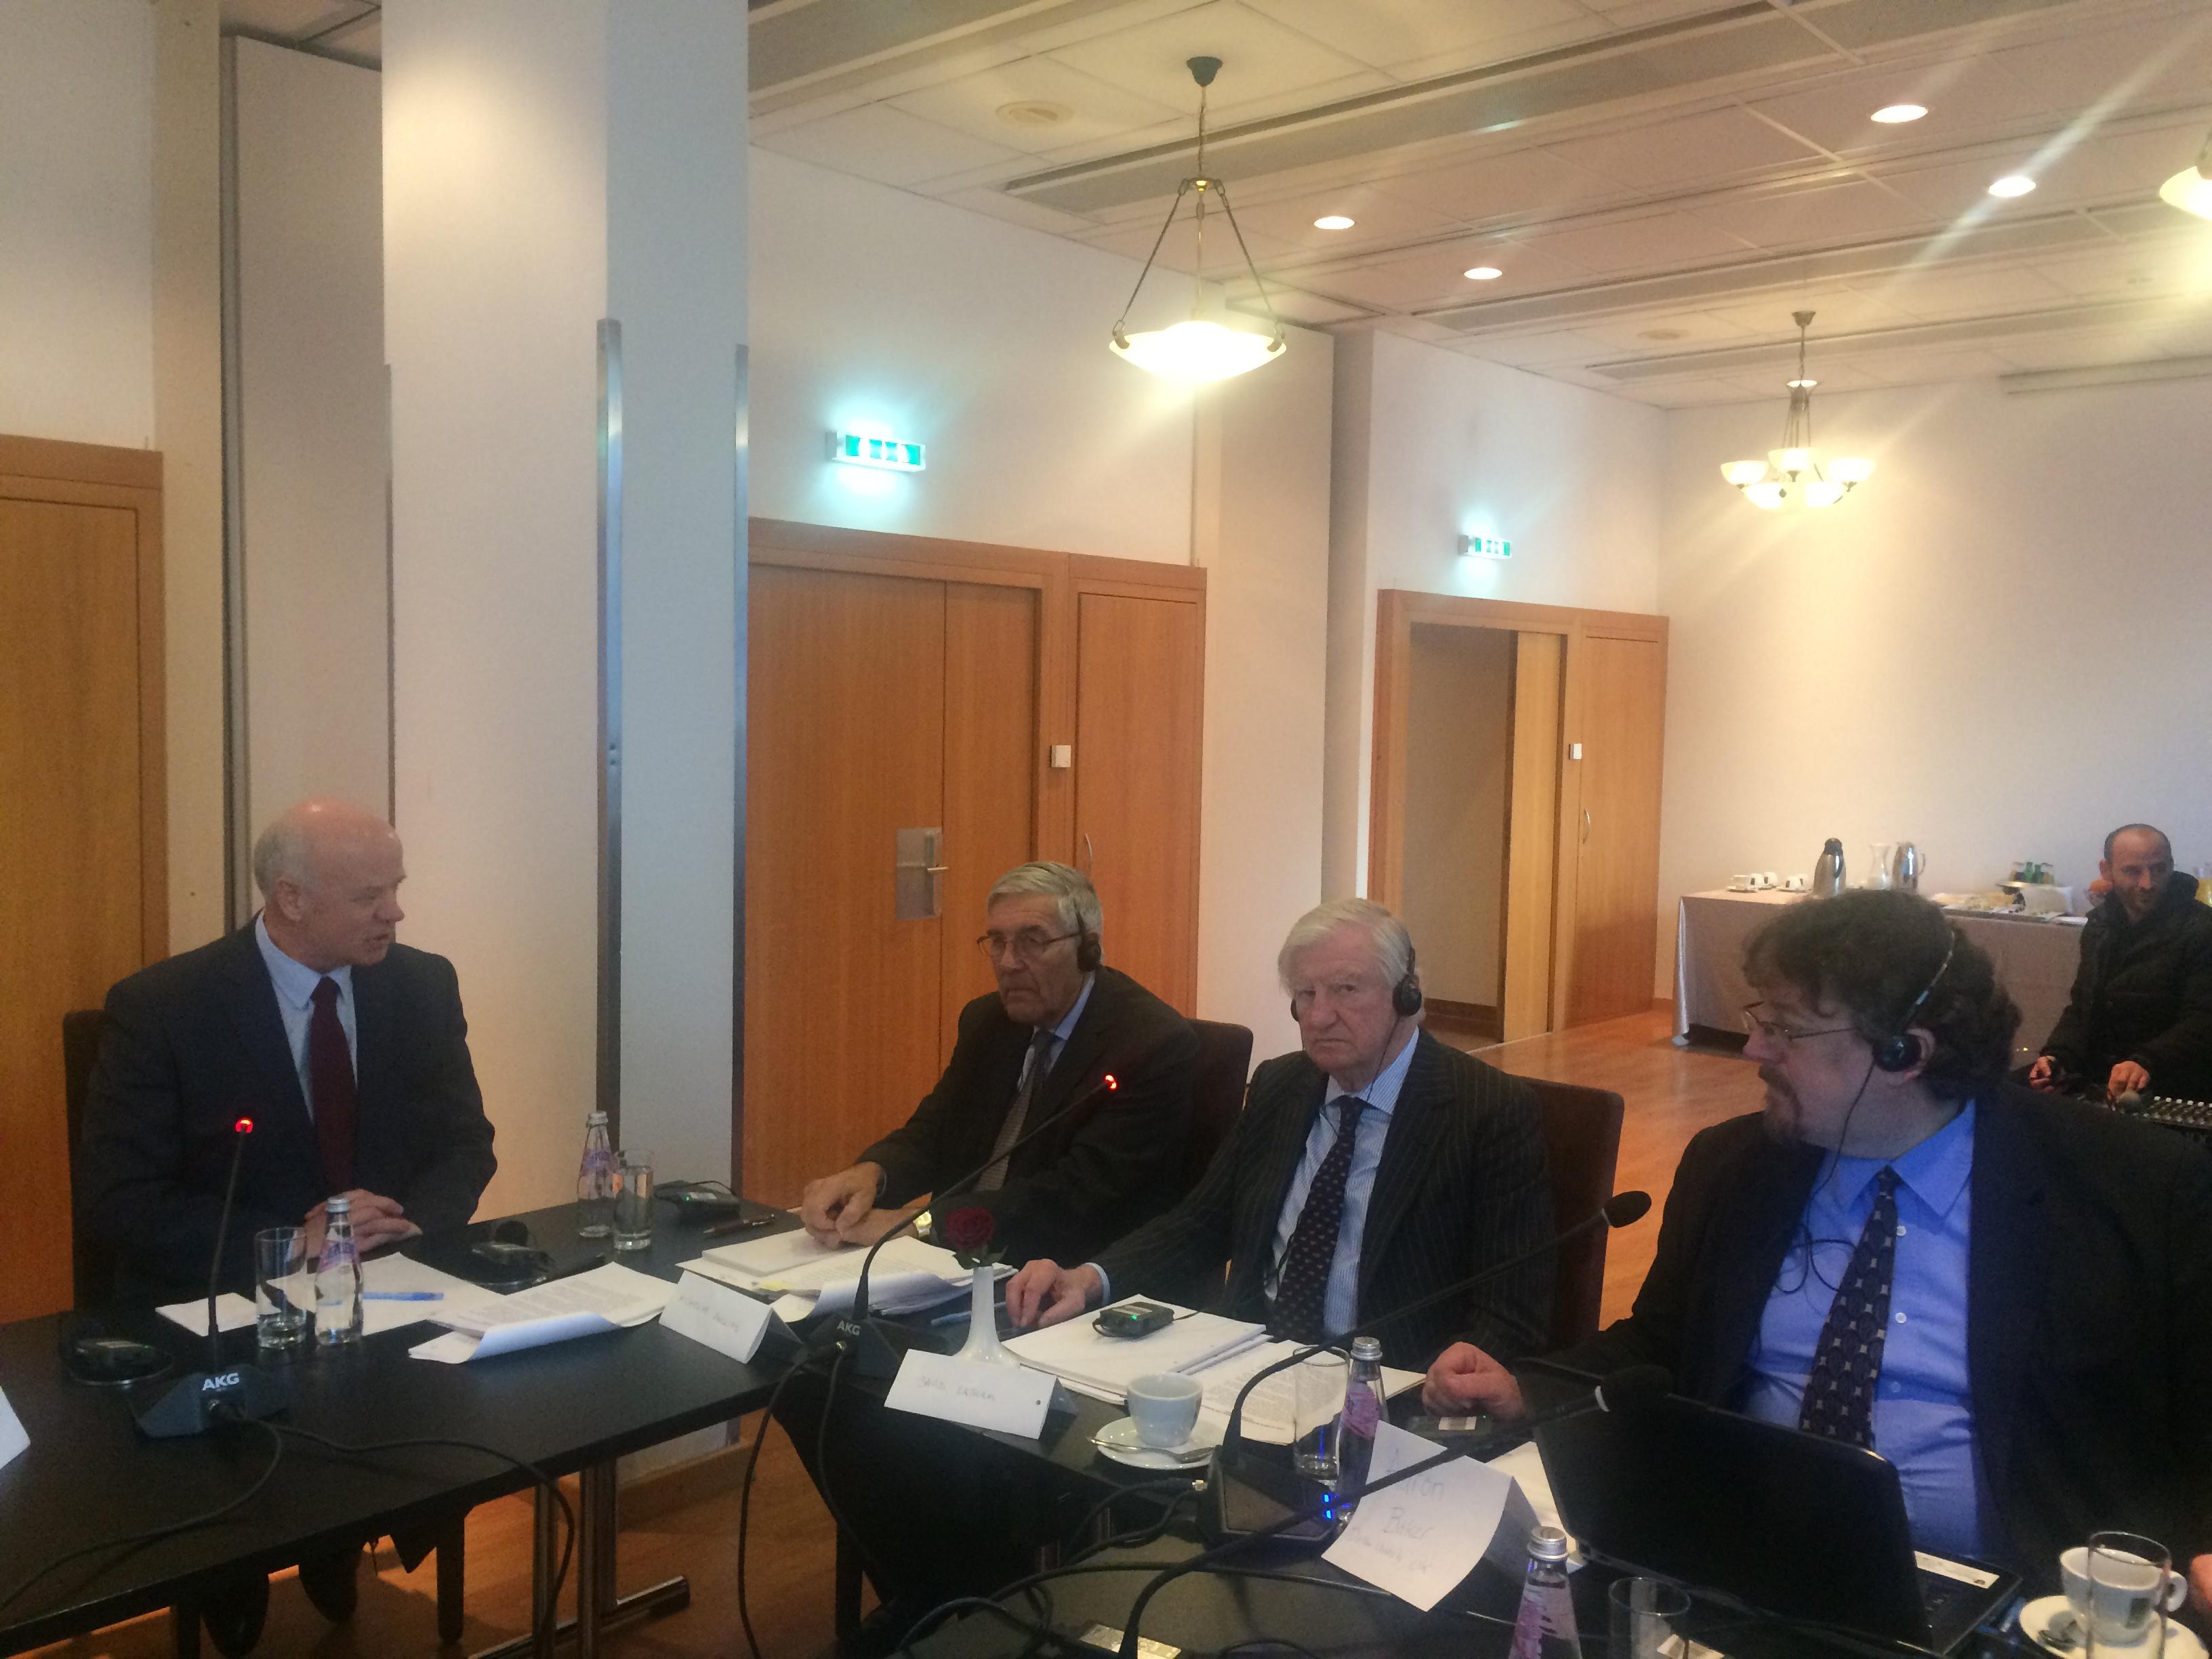 """""""Bashkëpunimi ndërkombëtar në fushën e drejtësisë"""" ishte tema e Tryezës së Rrumbullakët organizuar me mbështetjen e Fondacionit Slynn, Ambasadës Britanike në Tiranë dhe Gjykatës së Lartë të Republikës së Shqipërisë"""